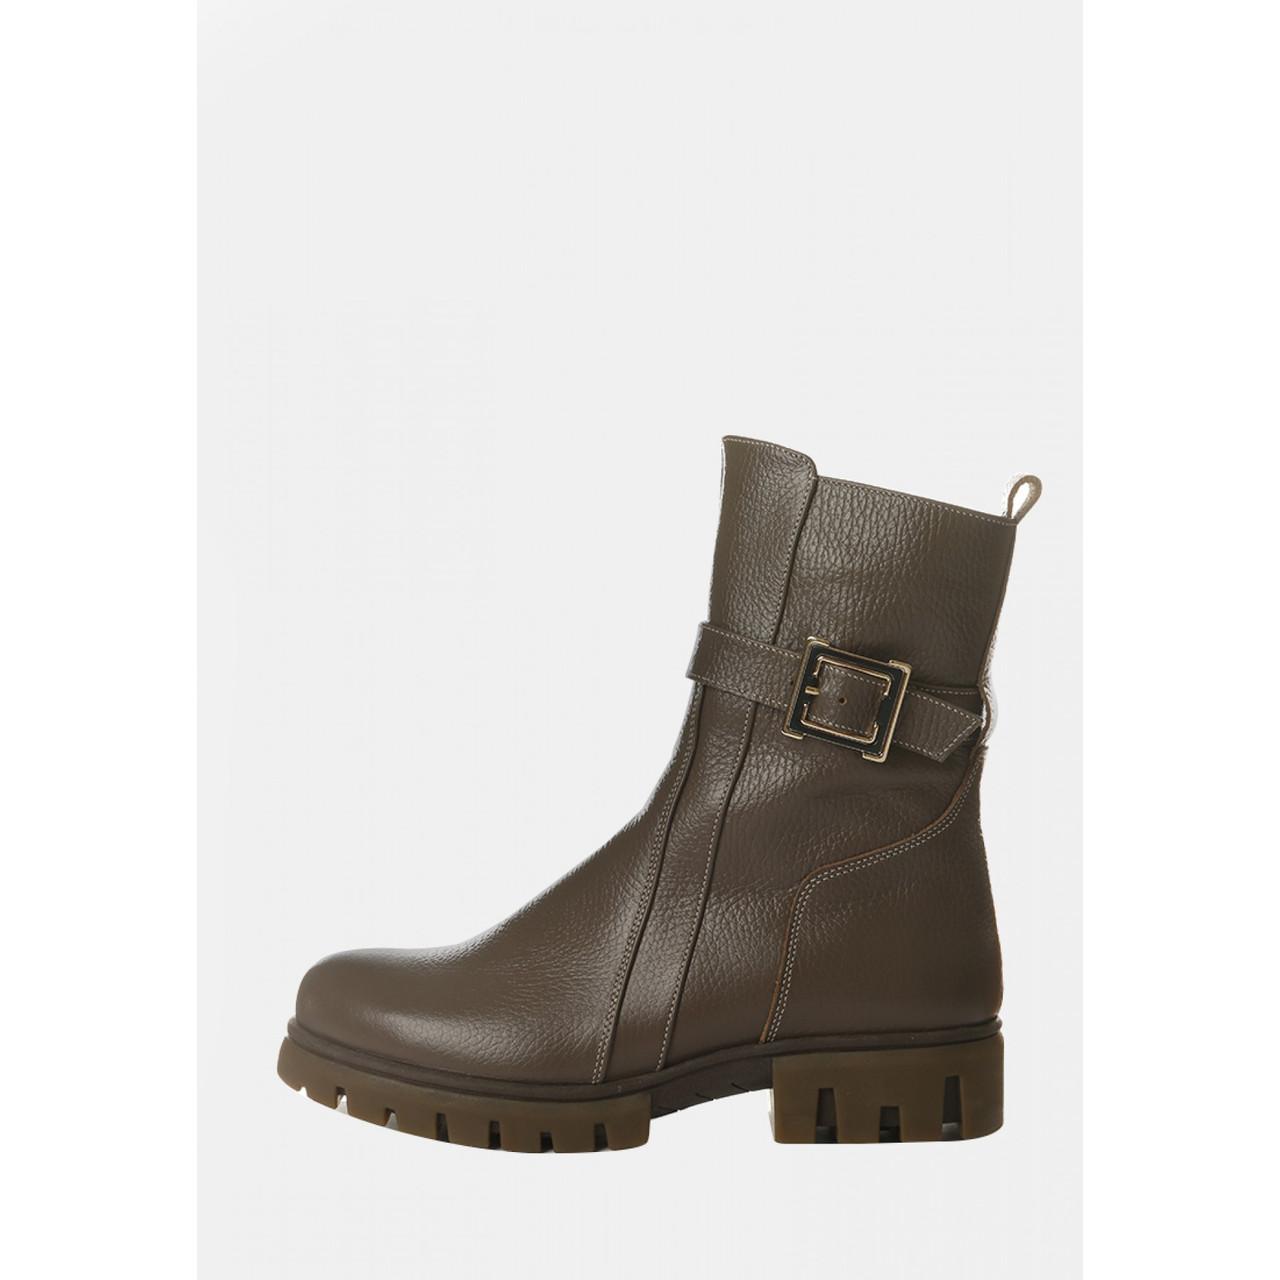 Зимние женские кожаные ботинки капучино